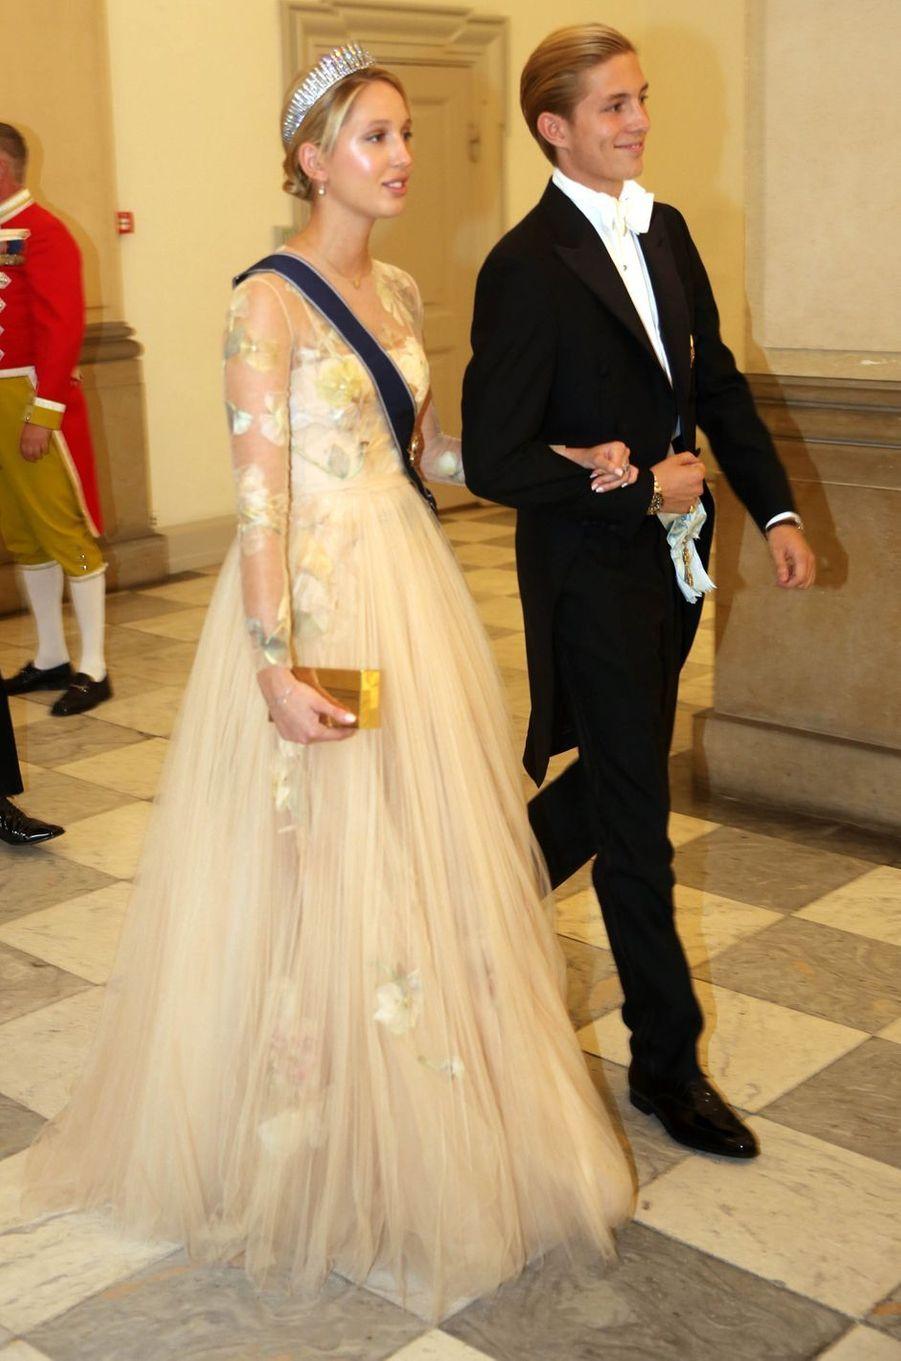 La princesse Maria-Olympia de Grèce et son frère le prince Constantinos Alexios à Copenhague, le 26 mai 2018